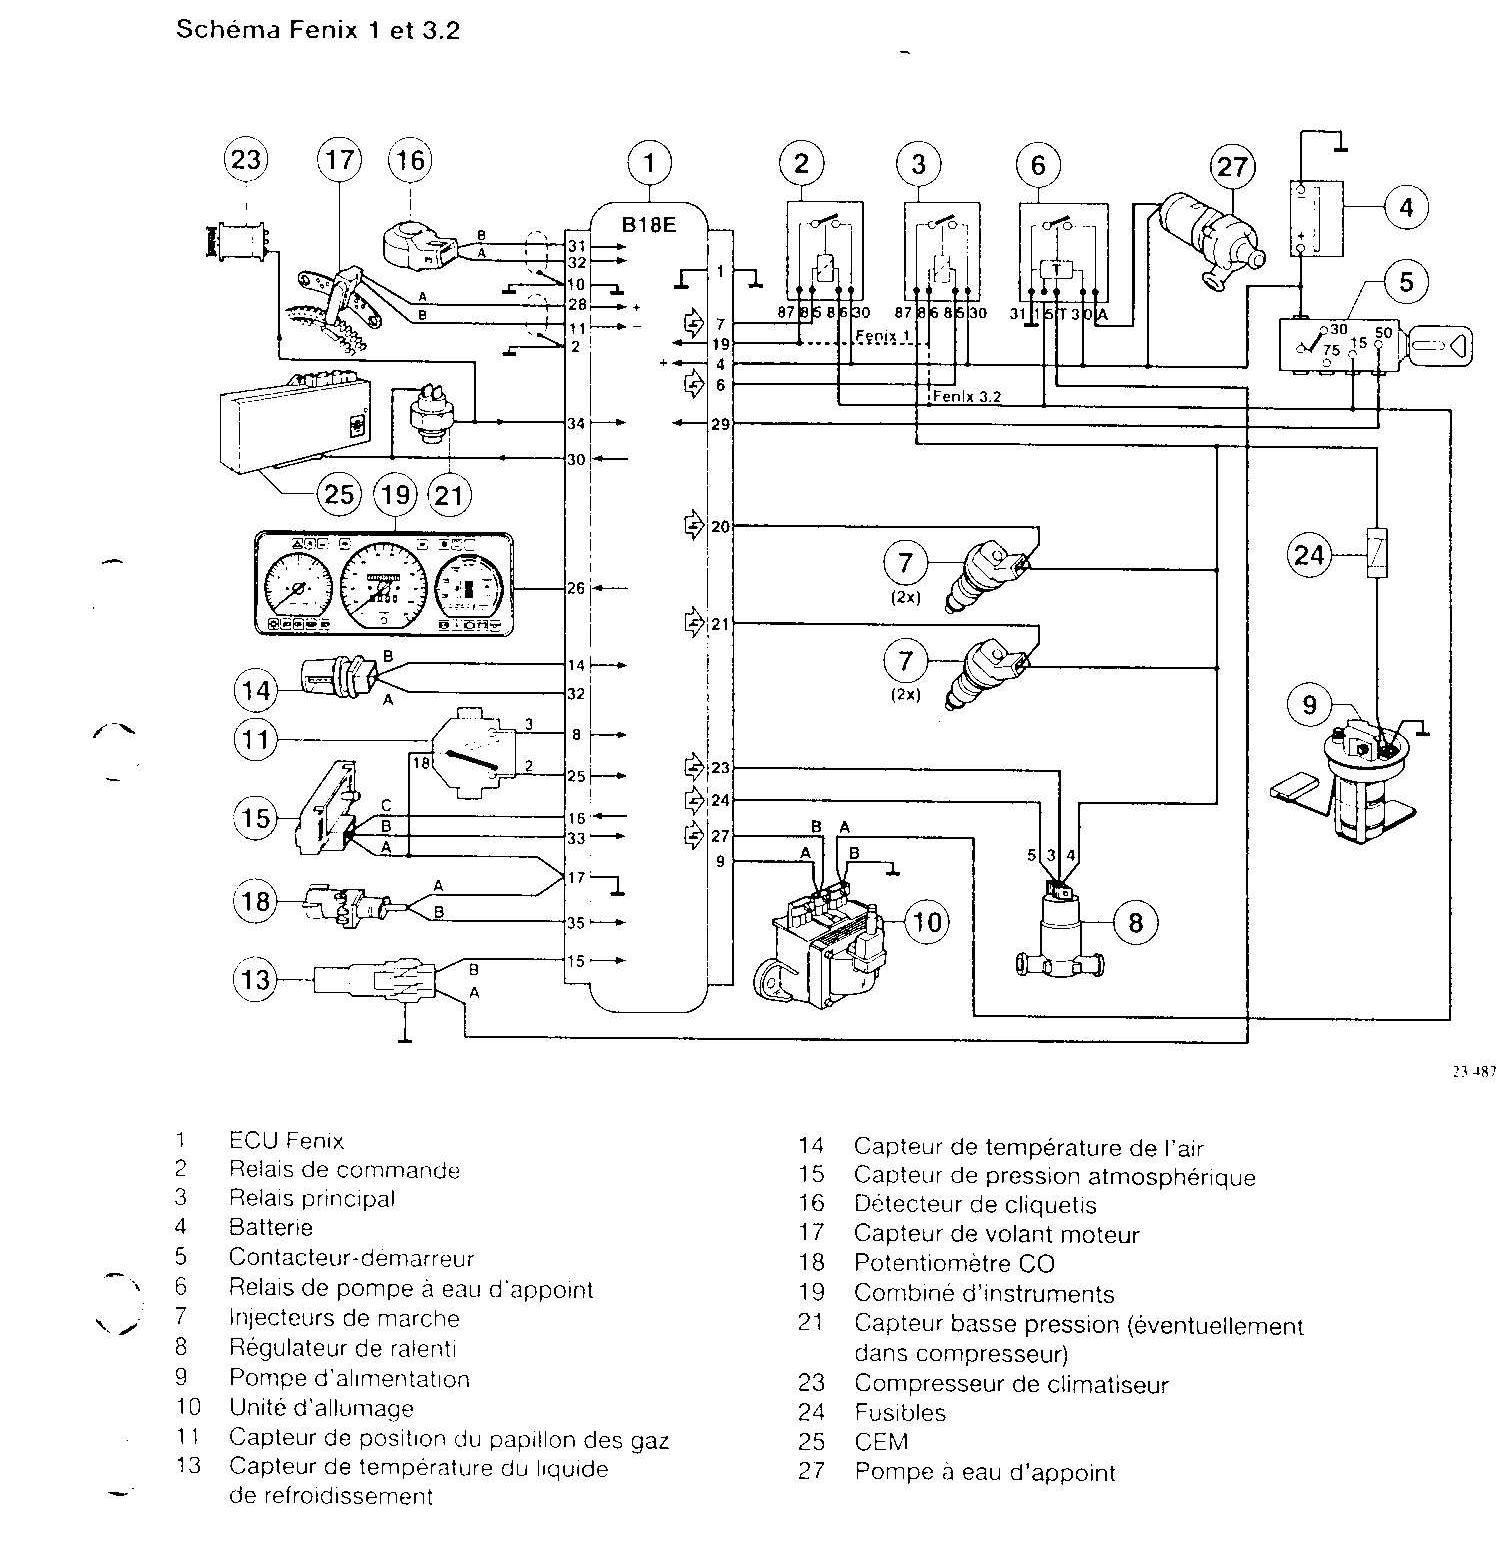 saab schema moteur volvo 400